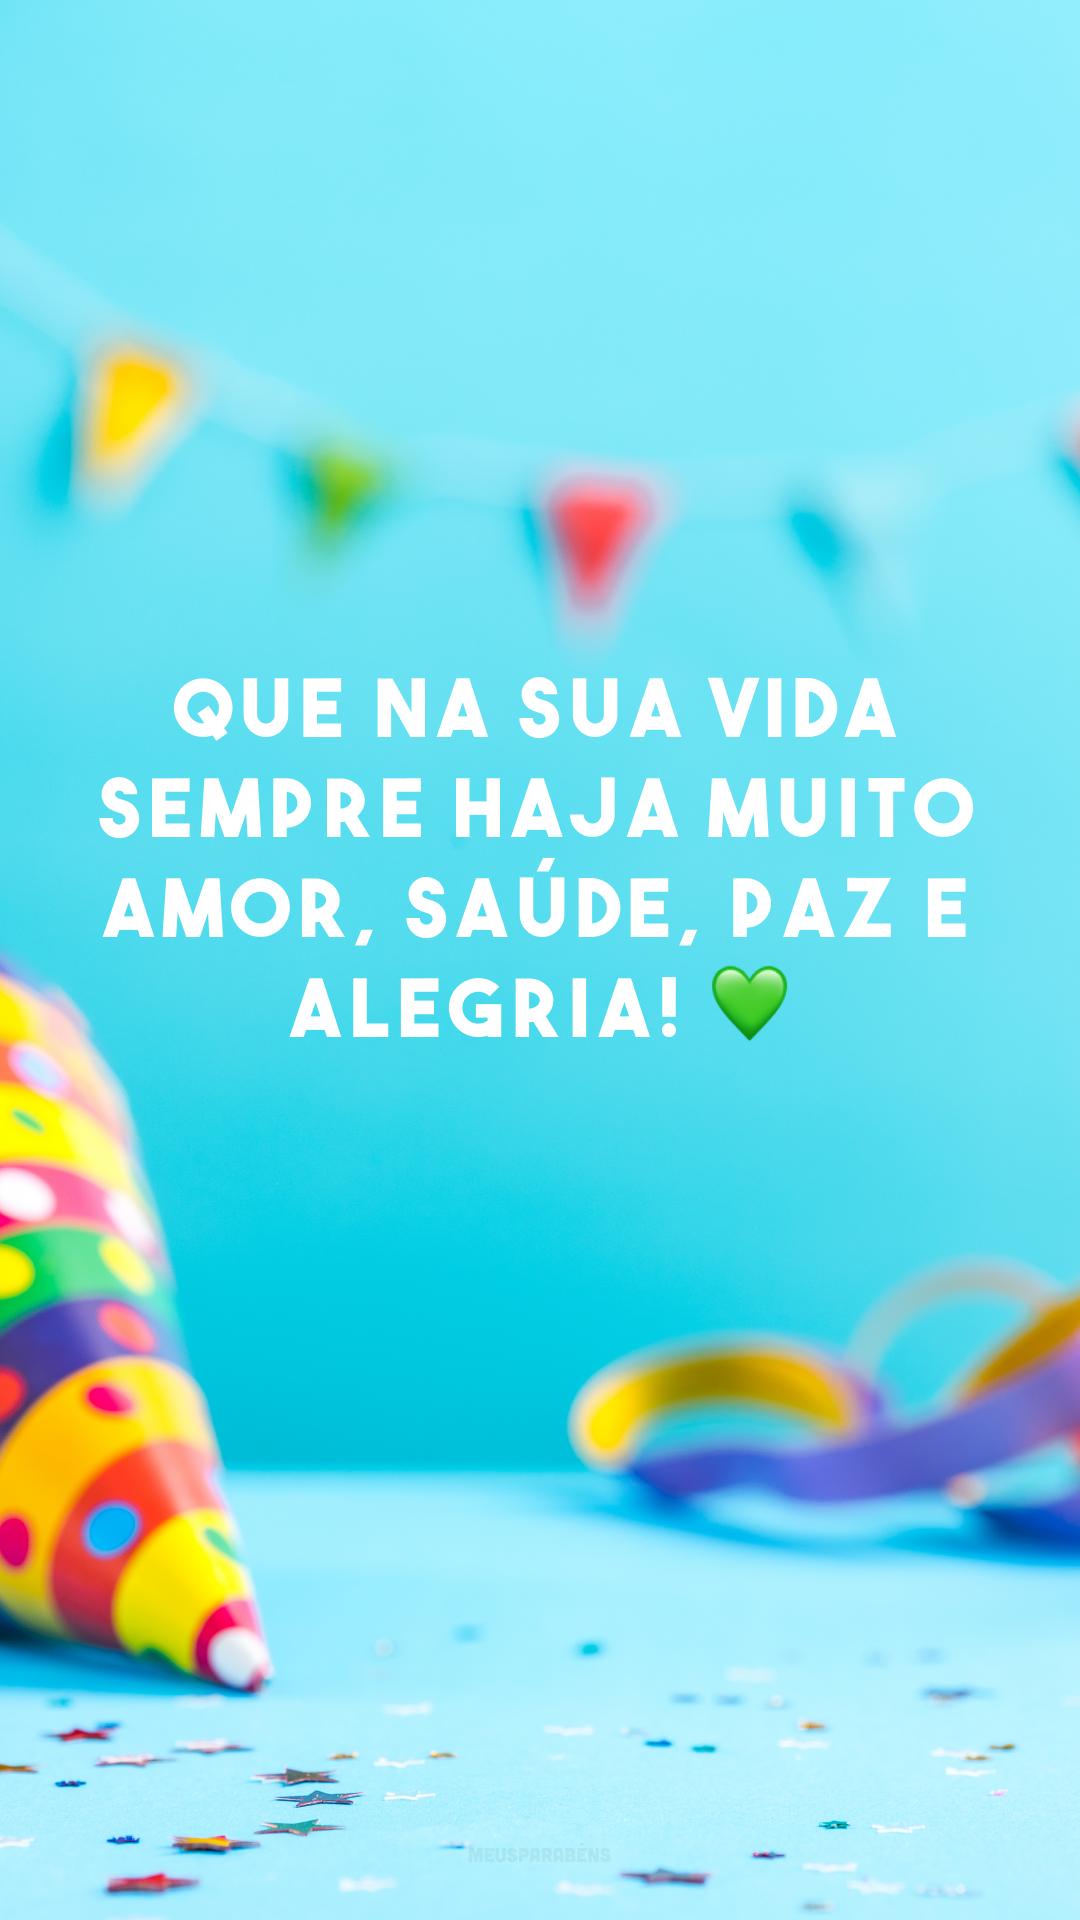 Que na sua vida sempre haja muito amor, saúde, paz e alegria! 💚